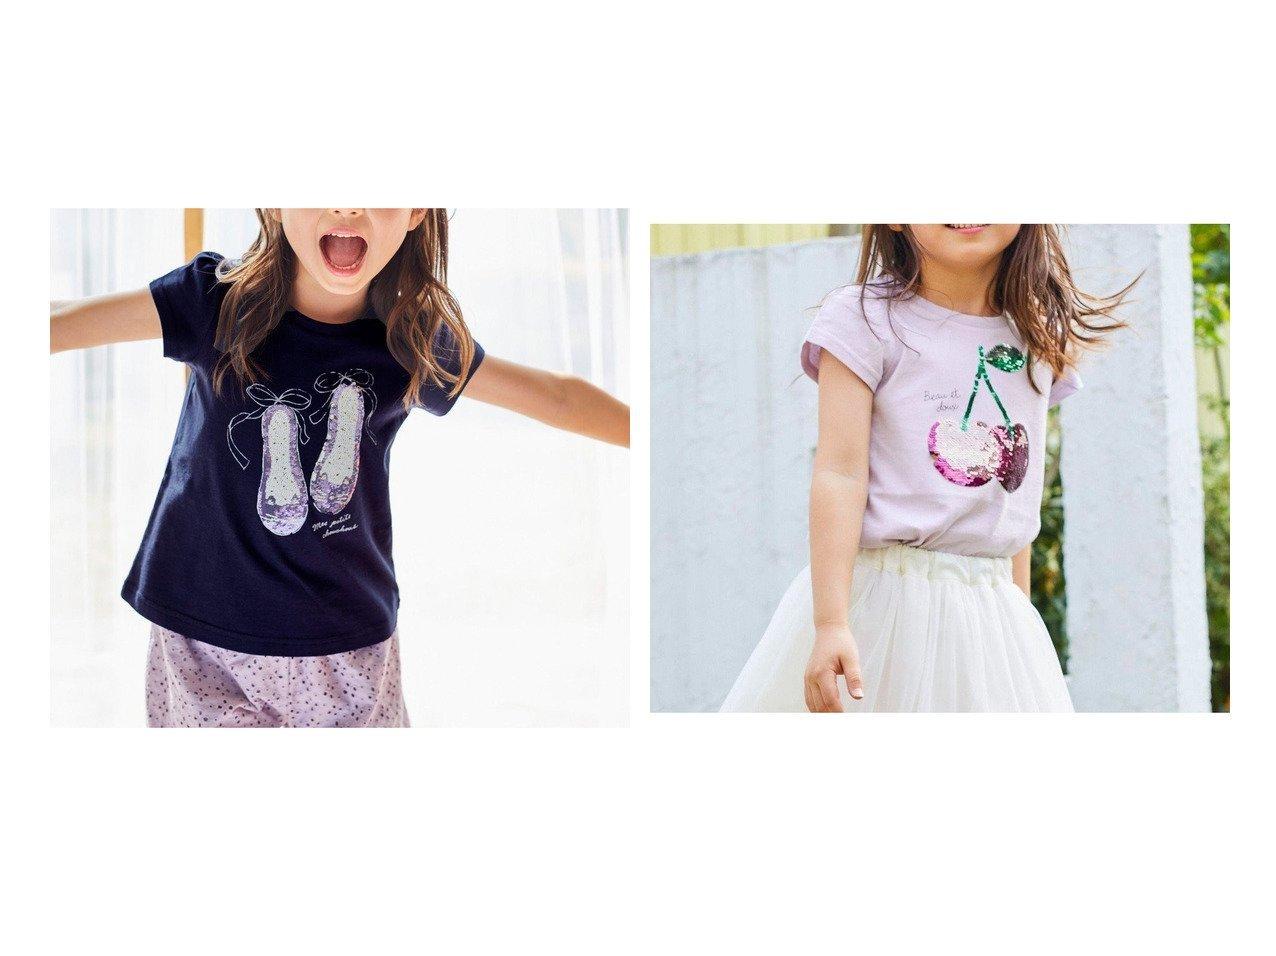 【anyFAM / KIDS/エニファム】のミラクルスパンコール 半袖Tシャツ&ミラクルスパンコール 半袖Tシャツ 【KIDS】子供服のおすすめ!人気トレンド・キッズファッションの通販 おすすめで人気の流行・トレンド、ファッションの通販商品 メンズファッション・キッズファッション・インテリア・家具・レディースファッション・服の通販 founy(ファニー) https://founy.com/ ファッション Fashion キッズファッション KIDS トップス・カットソー Tops/Tees/Kids イエロー オレンジ カットソー シューズ シンプル スパンコール 人気 半袖 モチーフ ラベンダー リボン 送料無料 Free Shipping |ID:crp329100000037900